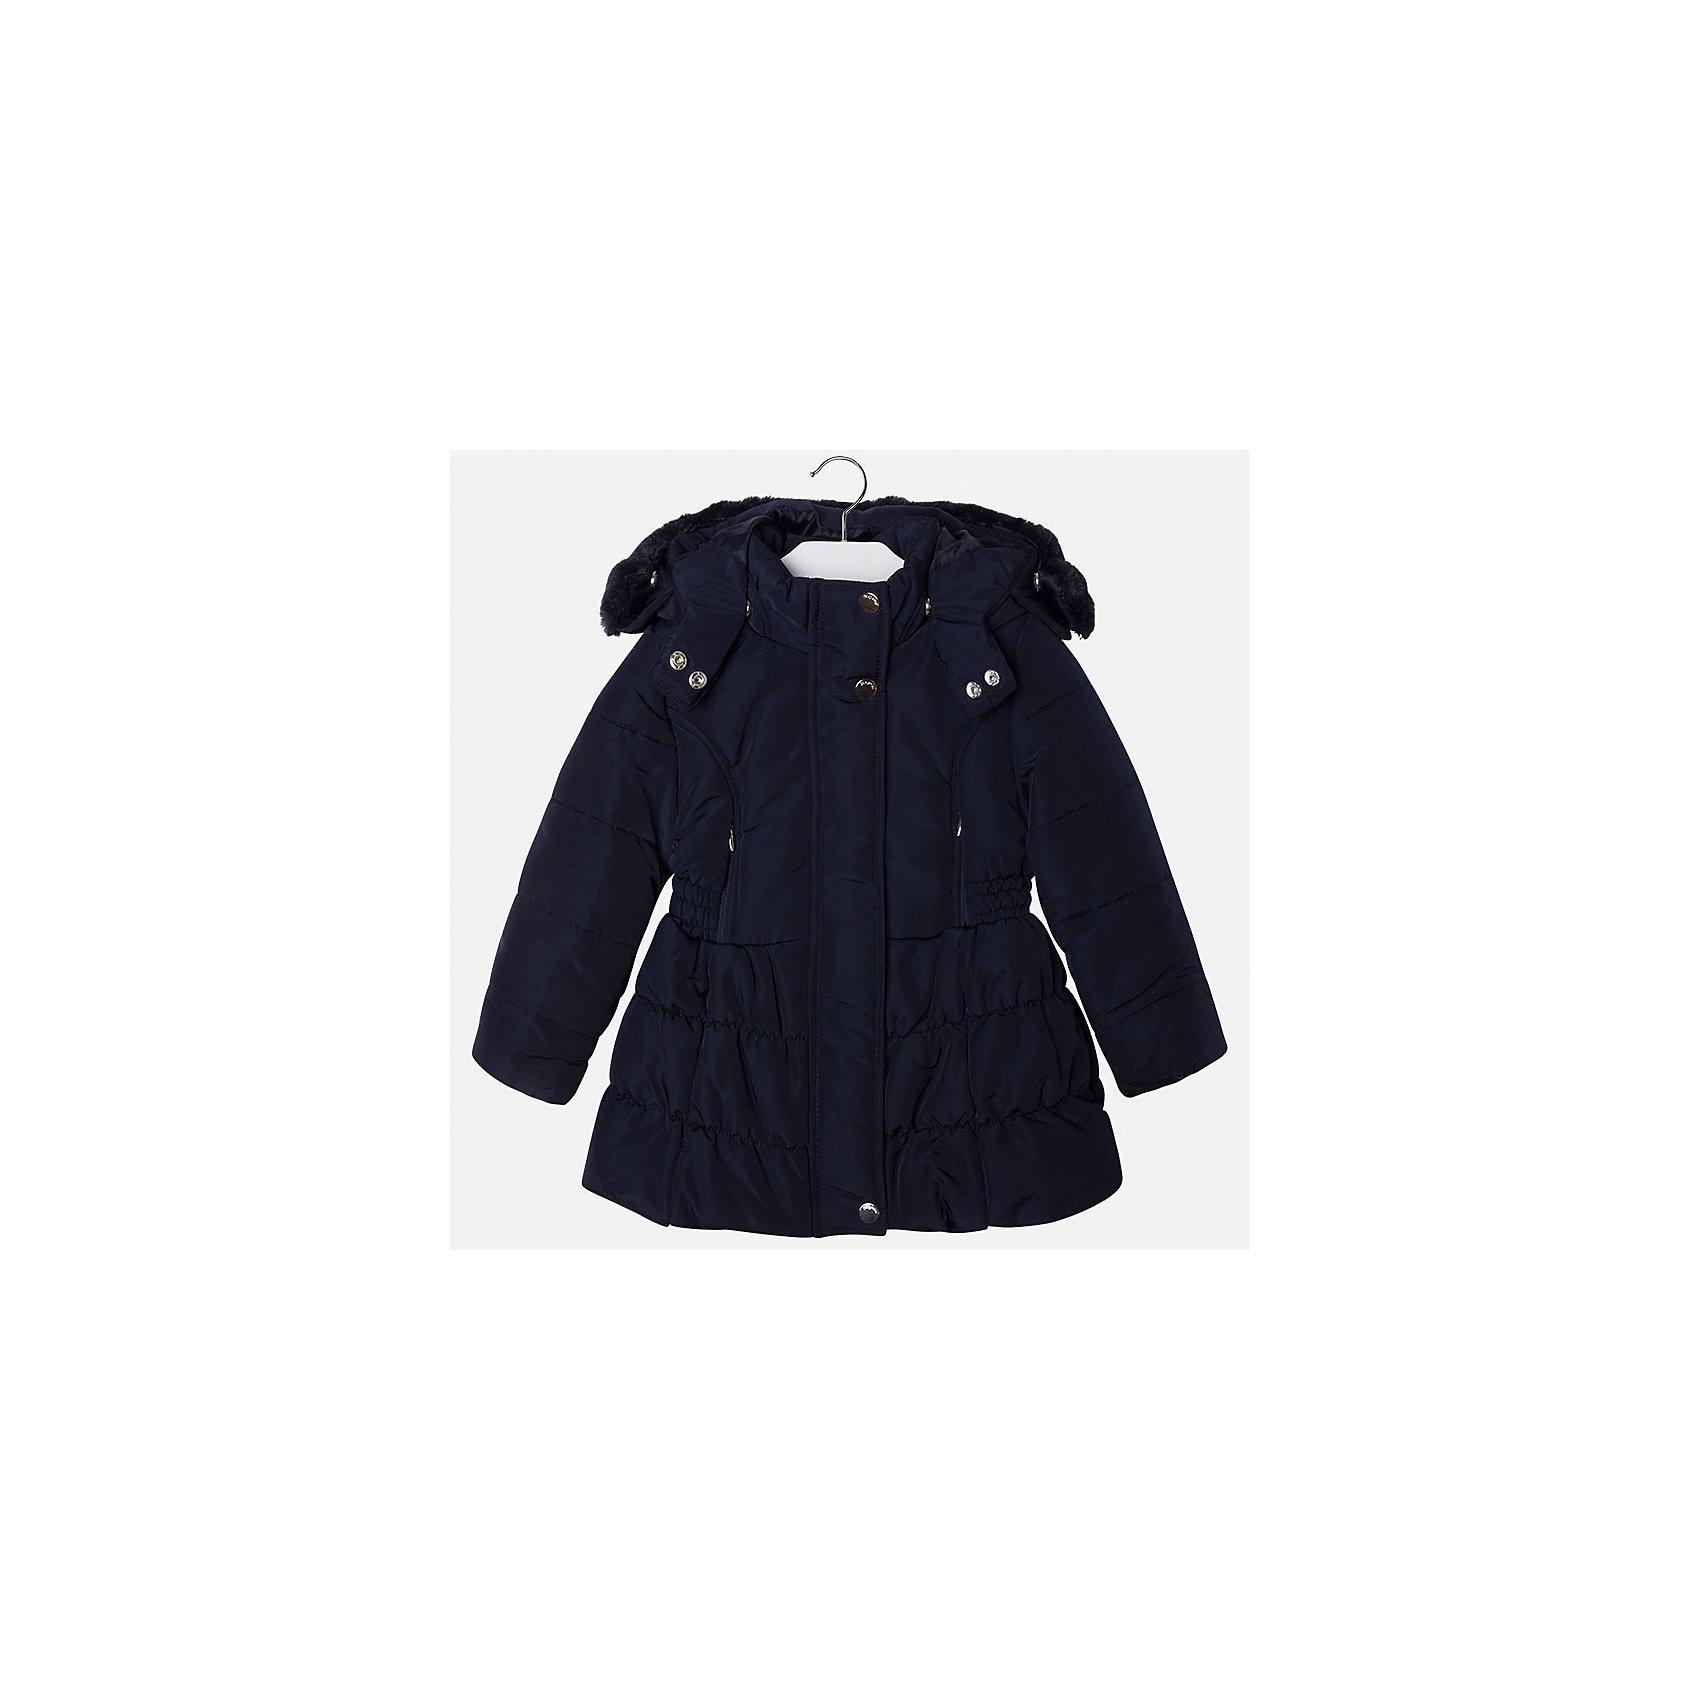 Куртка для девочки MayoralКуртка для девочки от известной испанской марки Mayoral(майорал). Модель с приталенным и расширенным к низу силуэтом. Есть большой удобный капюшон с искусственным мехом, застегивается на кнопки. Стильная теплая курточка - то, что нужно для комфортных прогулок!<br><br>Дополнительная информация:<br>Состав: 100% полиэстер<br>Цвет: темно-синий<br>Куртку Mayoral(Майорал) вы можете приобрести в нашем интернет-магазине.<br><br>Ширина мм: 356<br>Глубина мм: 10<br>Высота мм: 245<br>Вес г: 519<br>Цвет: синий<br>Возраст от месяцев: 48<br>Возраст до месяцев: 60<br>Пол: Женский<br>Возраст: Детский<br>Размер: 110,116,128,122,98,134,104<br>SKU: 4843890